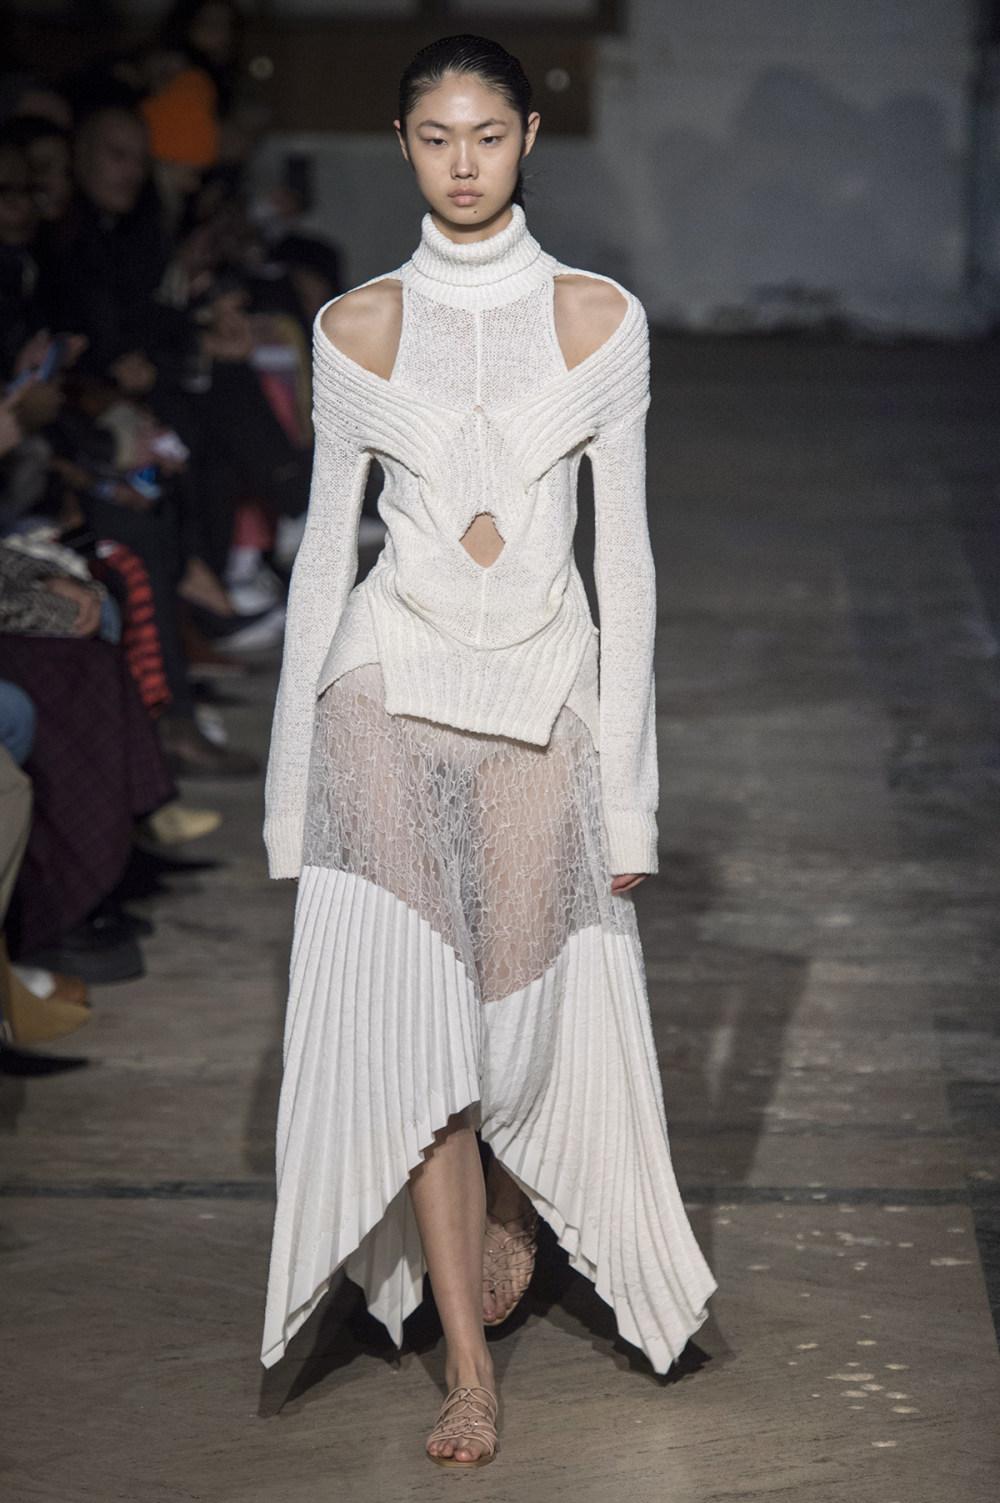 Dion Lee没有紧身衣的连衣裙被聚集或扭曲保持调色板的简约和奢华-39.jpg